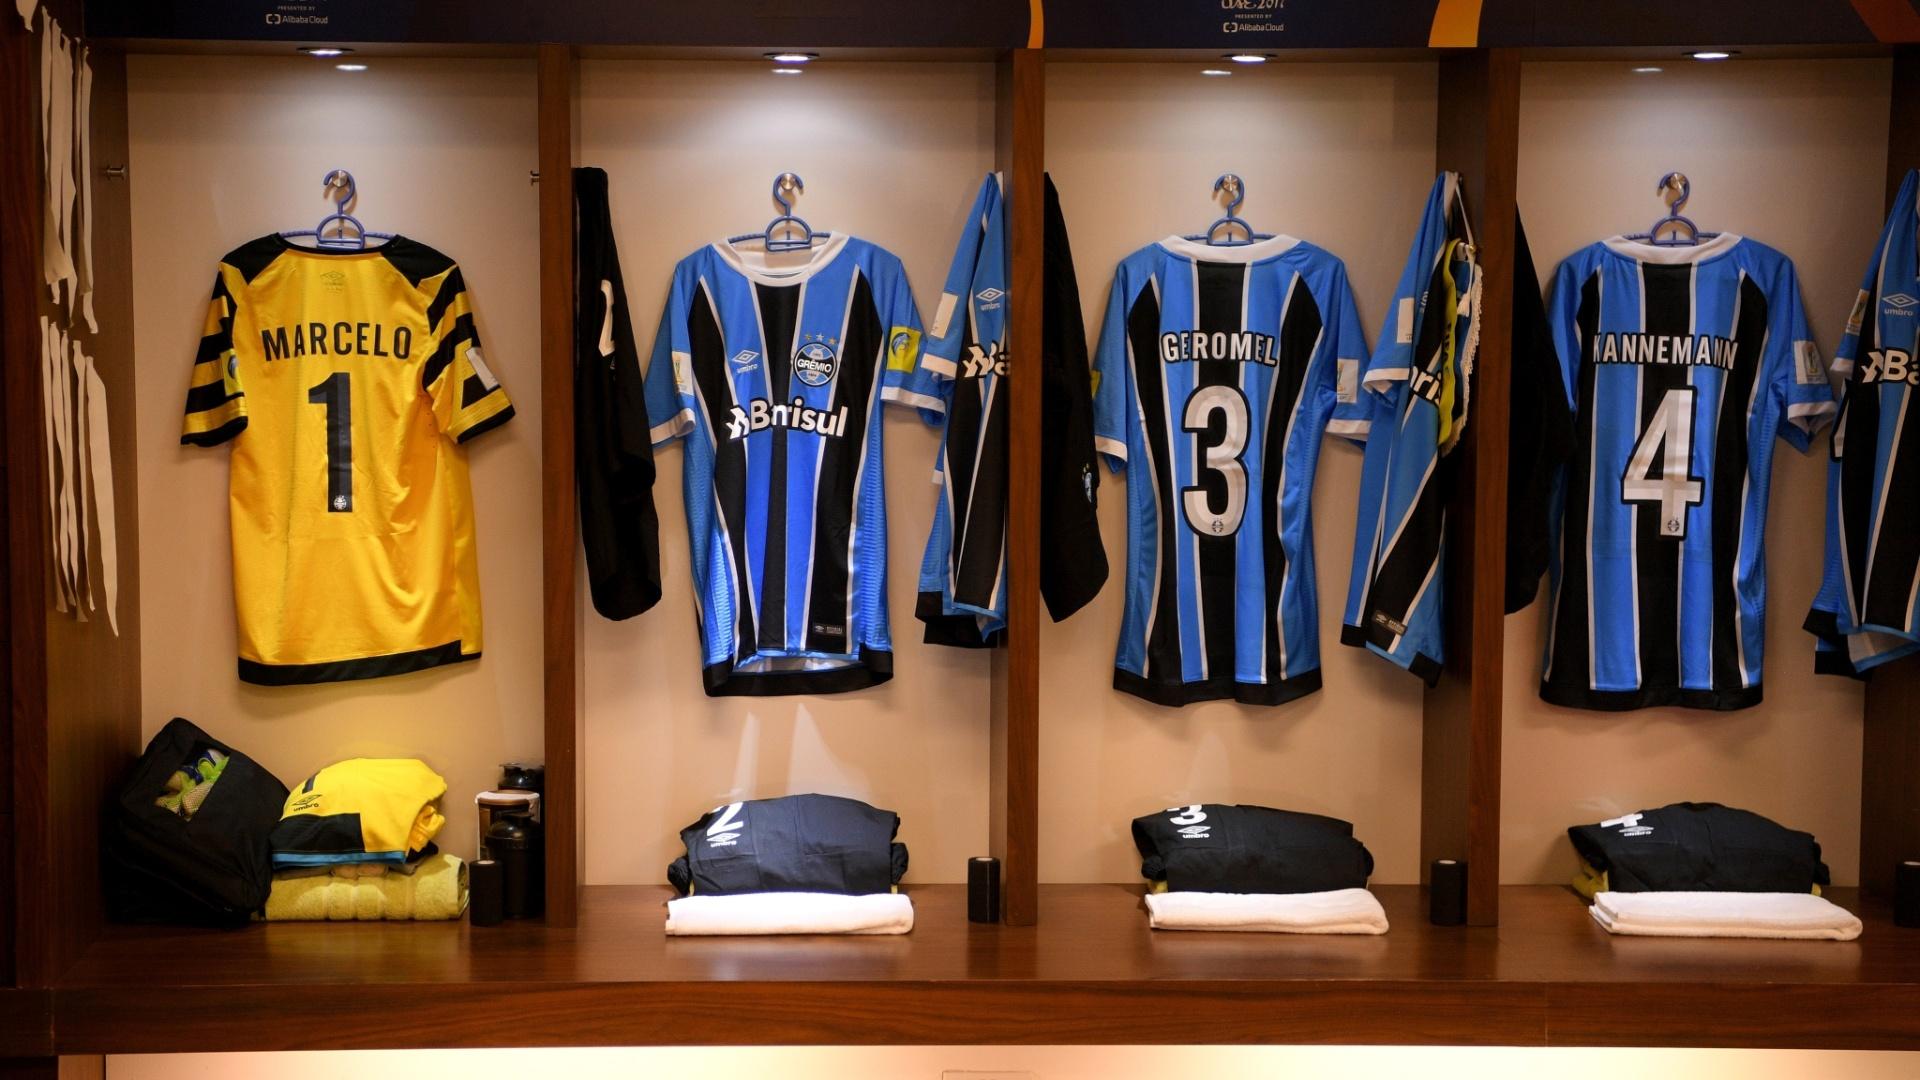 Vestiário do Grêmio está pronto para receber os jogadores para a final do Mundial de Clubes